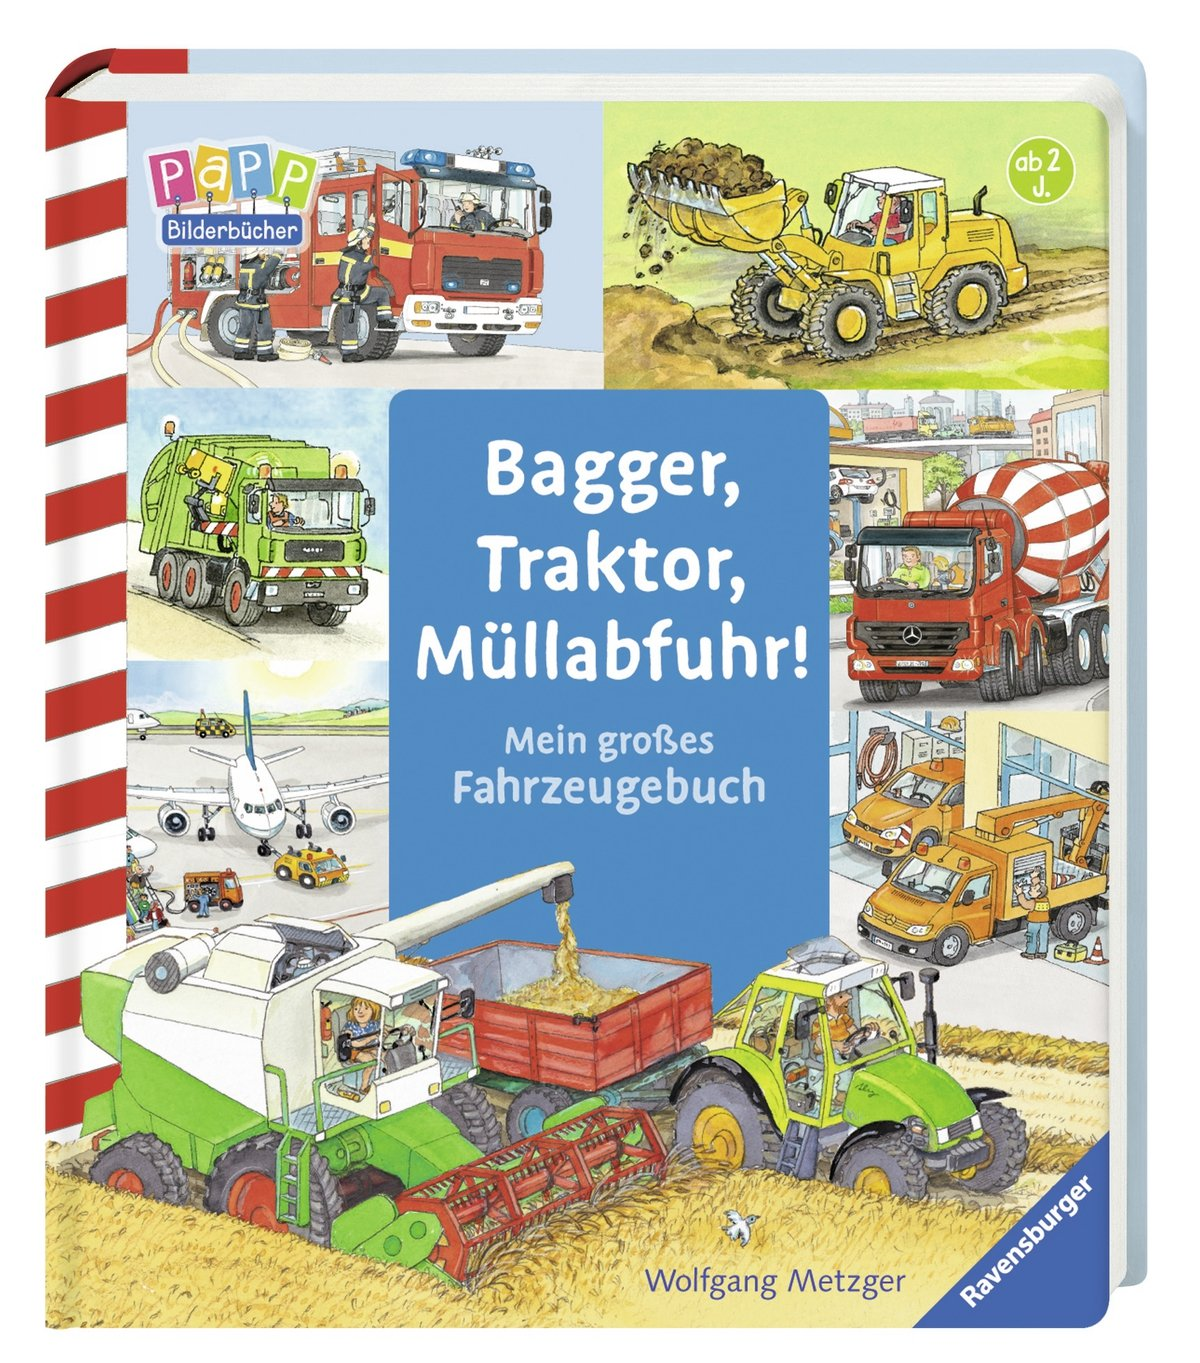 Pappbilderbuch 7 Seiten ab 18 Monaten Hallo Baggerfahrer Peter!